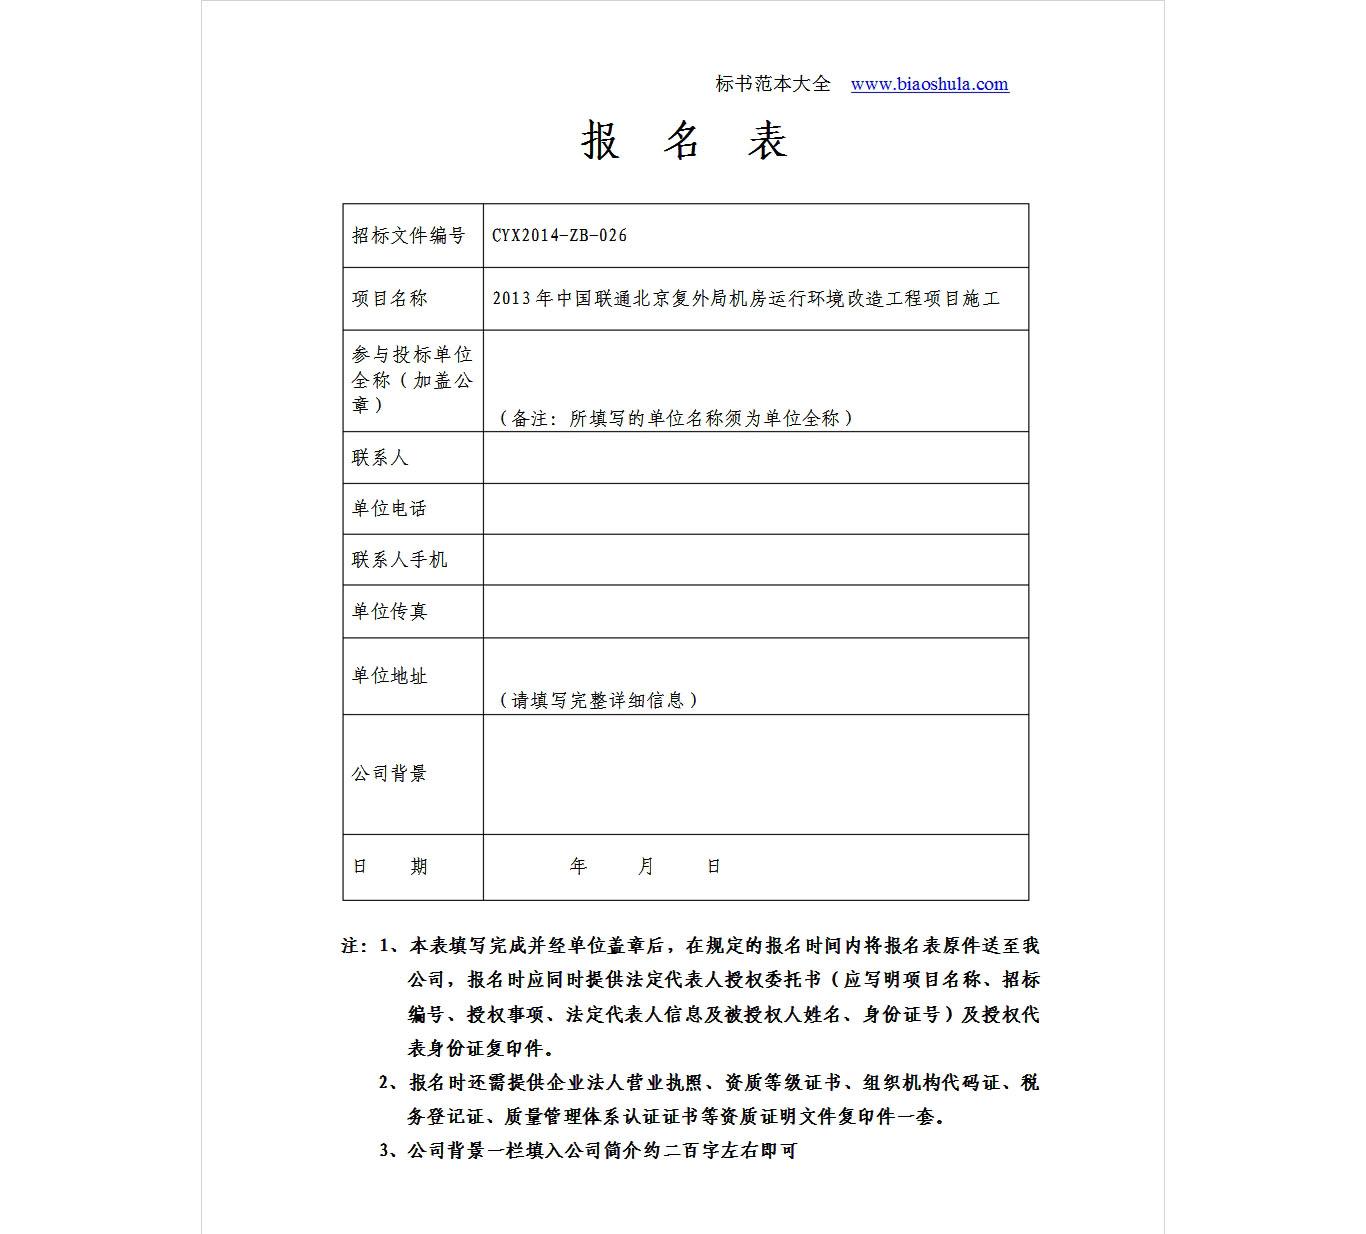 投标报名表-格式范本  免费下载